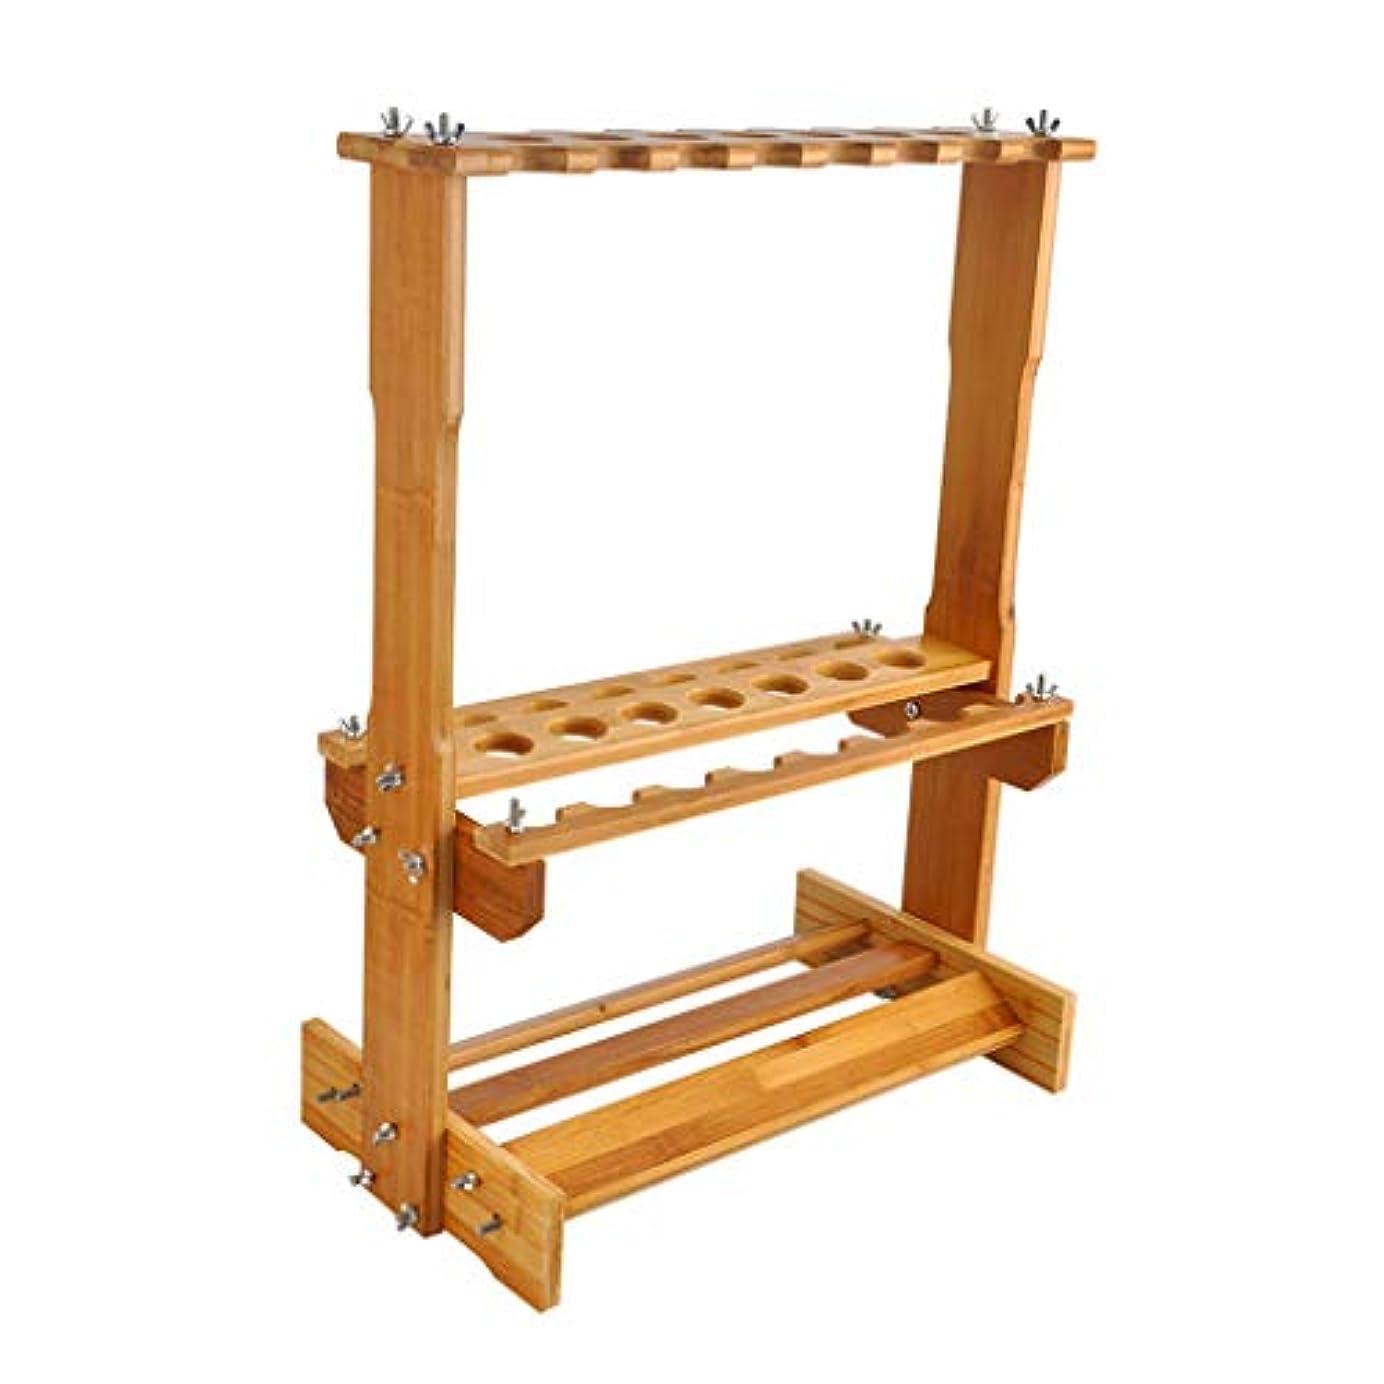 製造ハッピー立場釣竿ホルダー収納ラック 釣竿表示ラック釣竿ラック釣竿表示ラック木 (Color : Wood color, Size : 46 * 27 * 62cm)